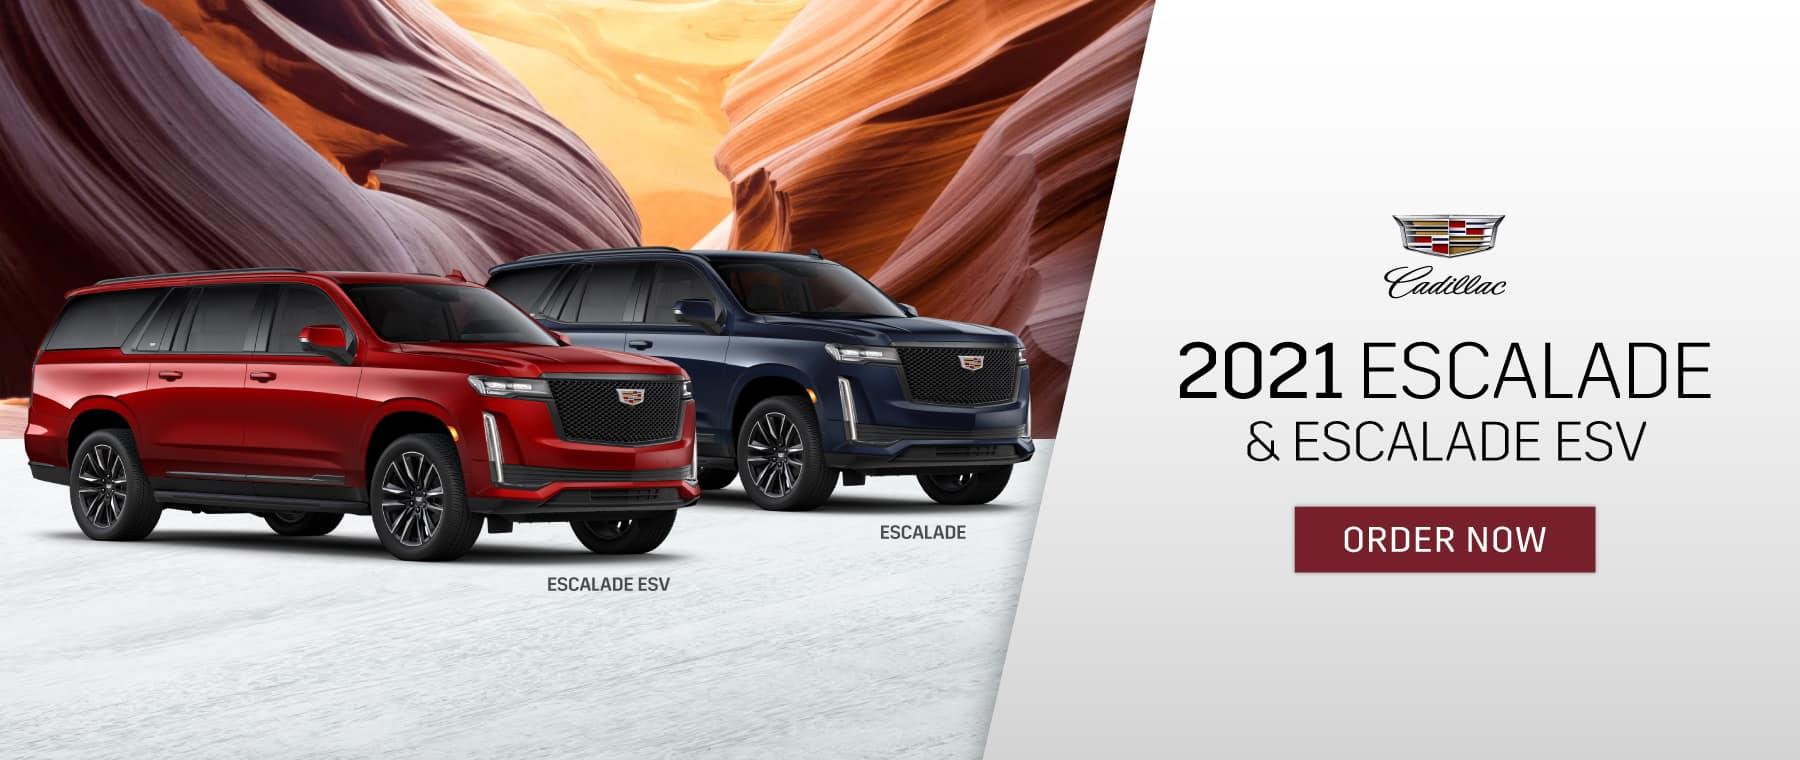 Cadillac Escalade-ESV - City Cadillac